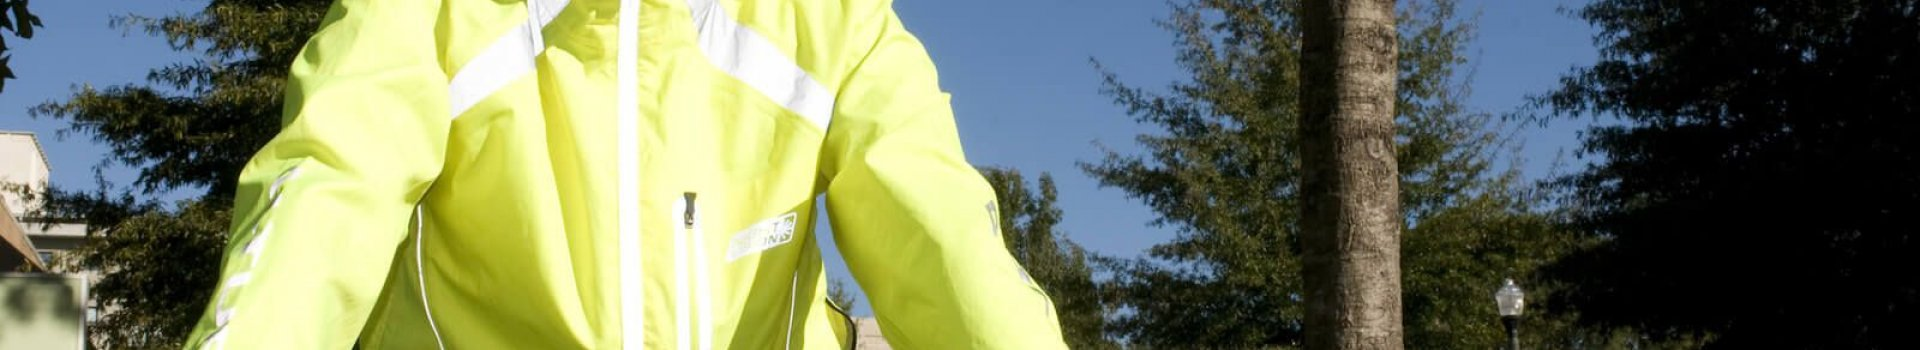 Bielizna rowerowa, która zapewni Ci komfort podczas dłuższej jazdy